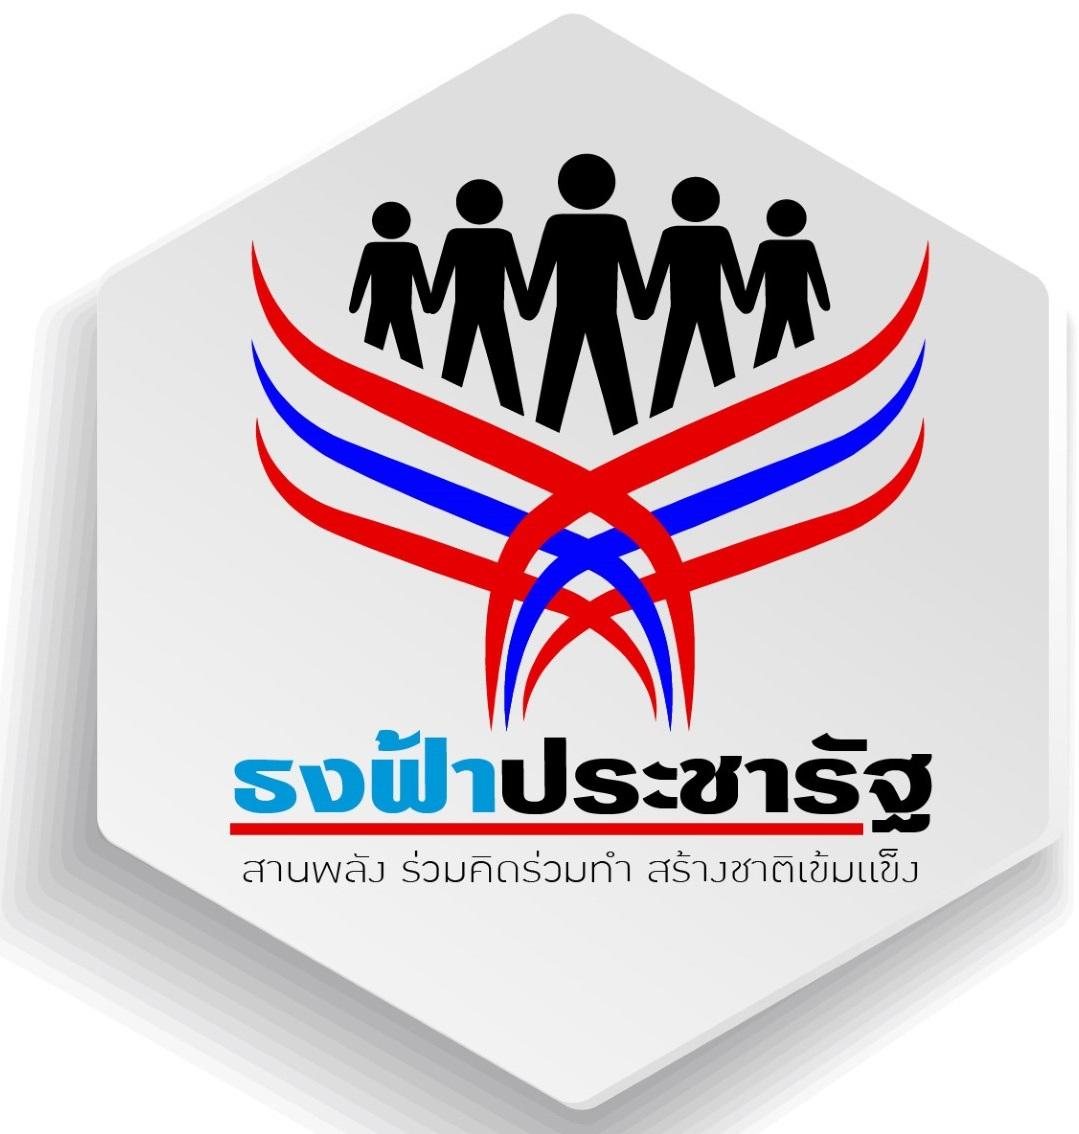 โครงการธงฟ้าประชารัฐ สินค้าราคาประหยัดเพื่อประชาชน